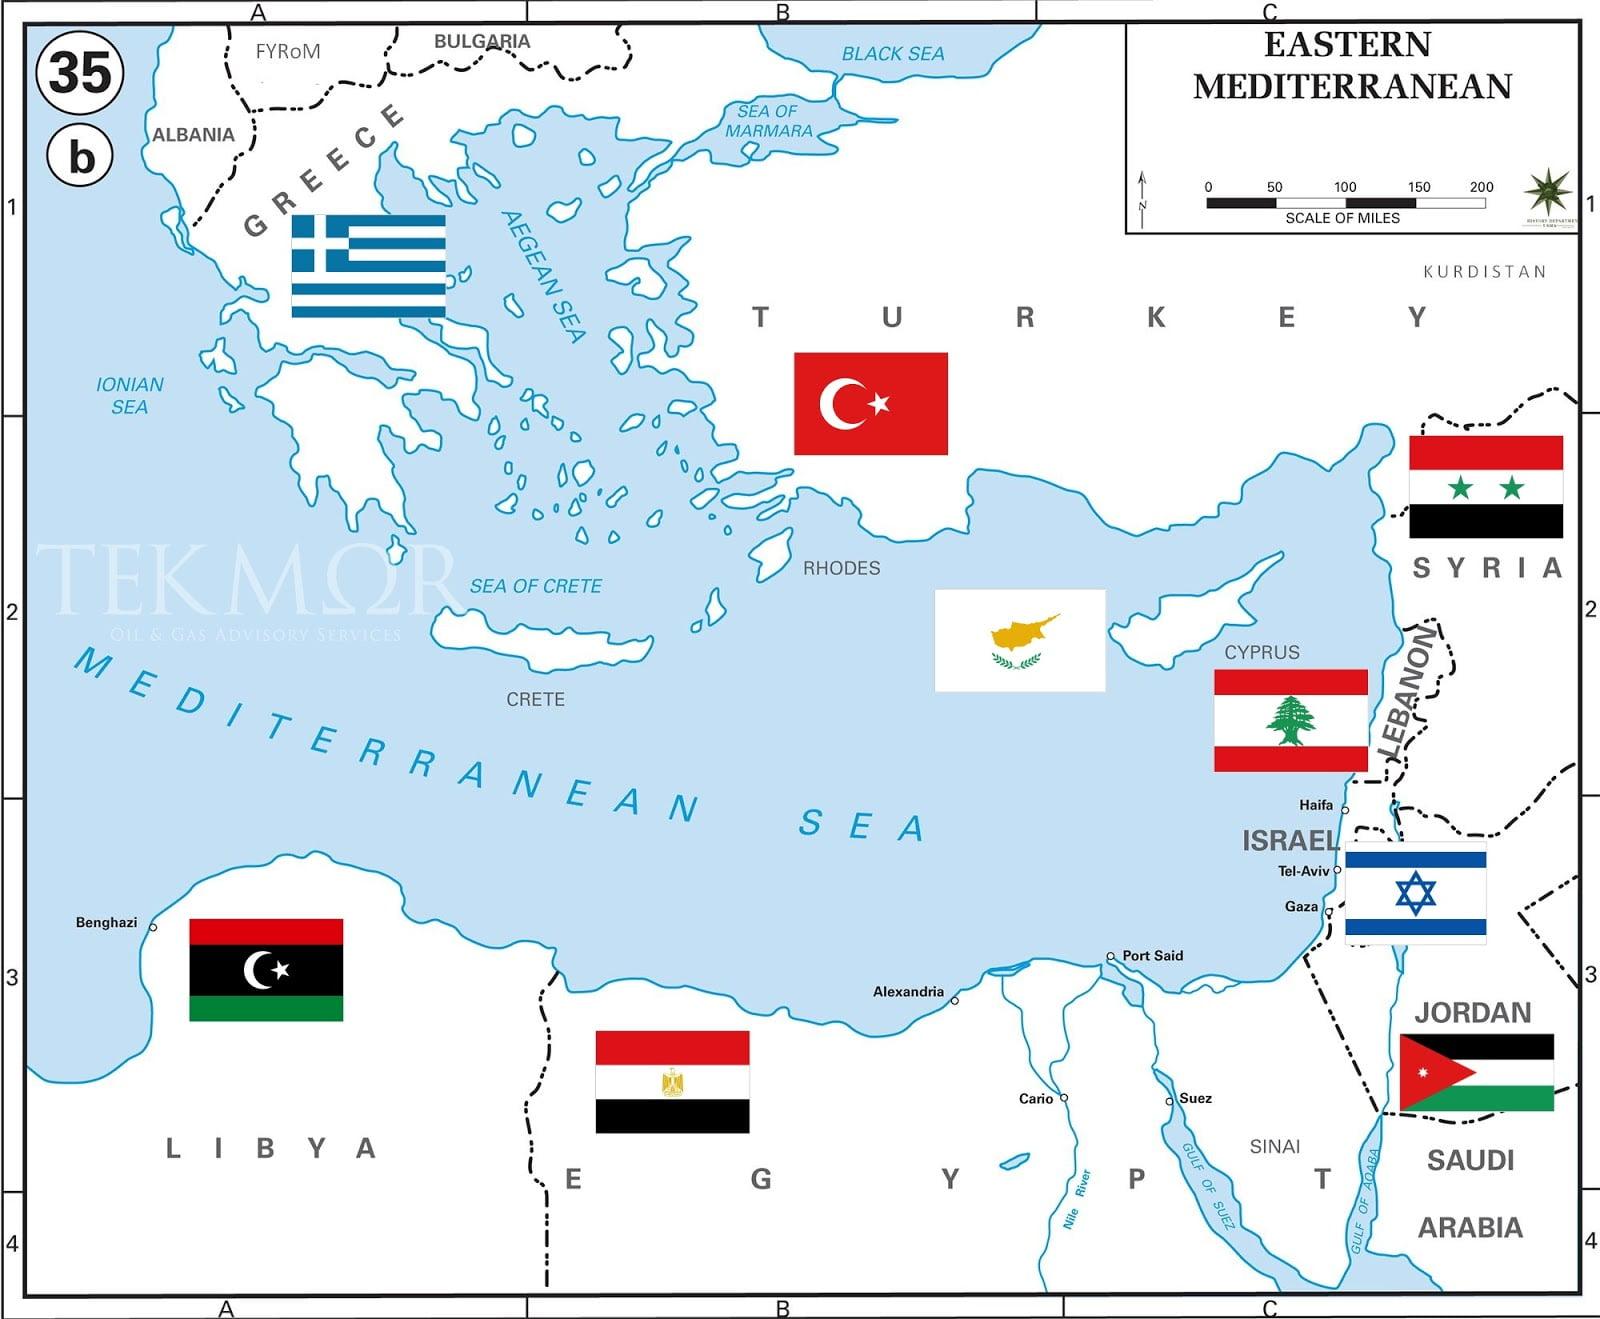 Μεσόγειος, η Θάλασσά μας – Ανατολική Μεσόγειος …… «Ώρα ΜΗΔΕΝ»